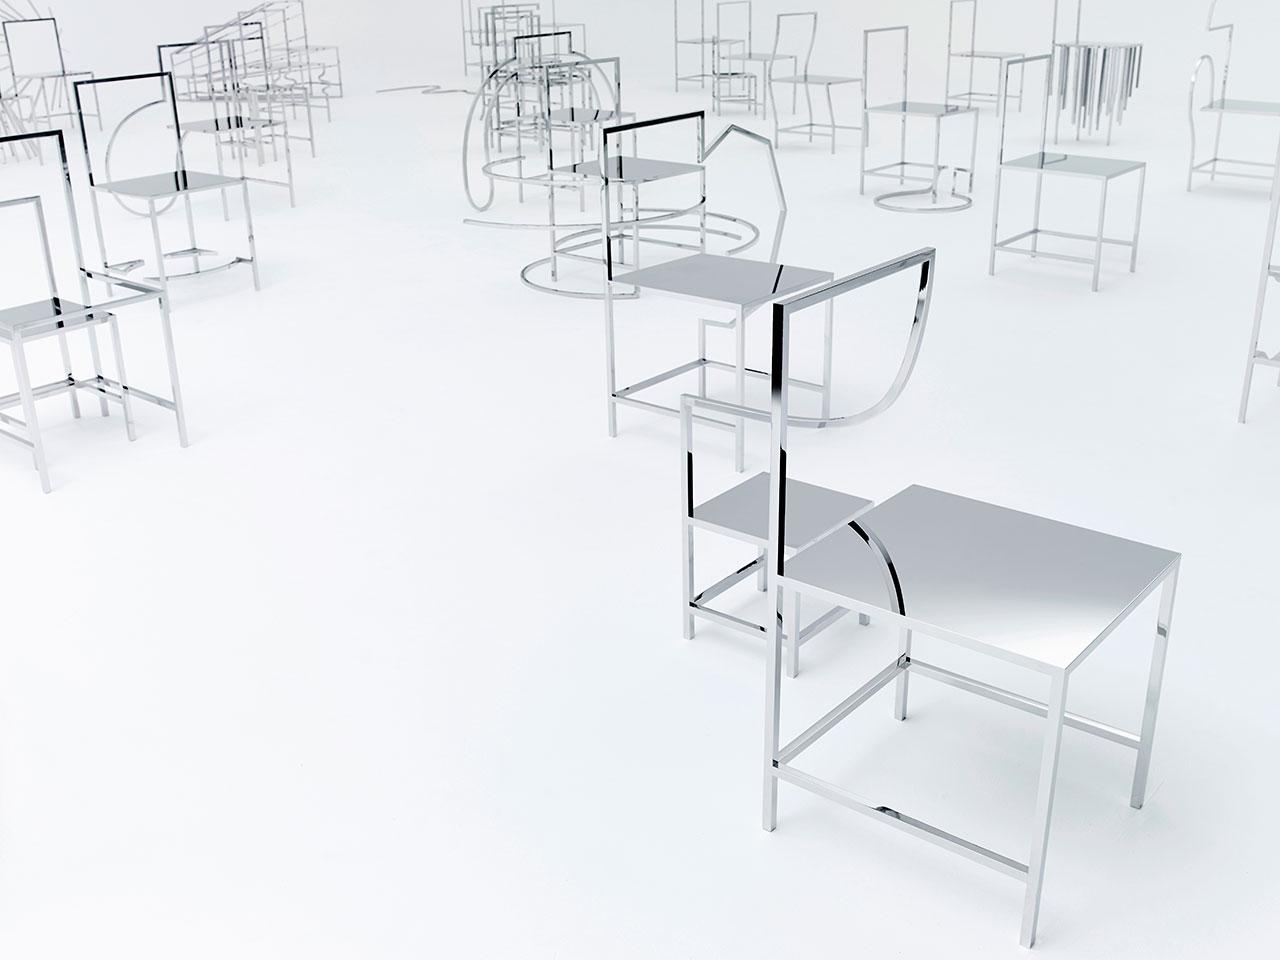 f7_50_manga_chairs_nendo_for_friedman_benda_photo_kenichi_sonehara_yatzer